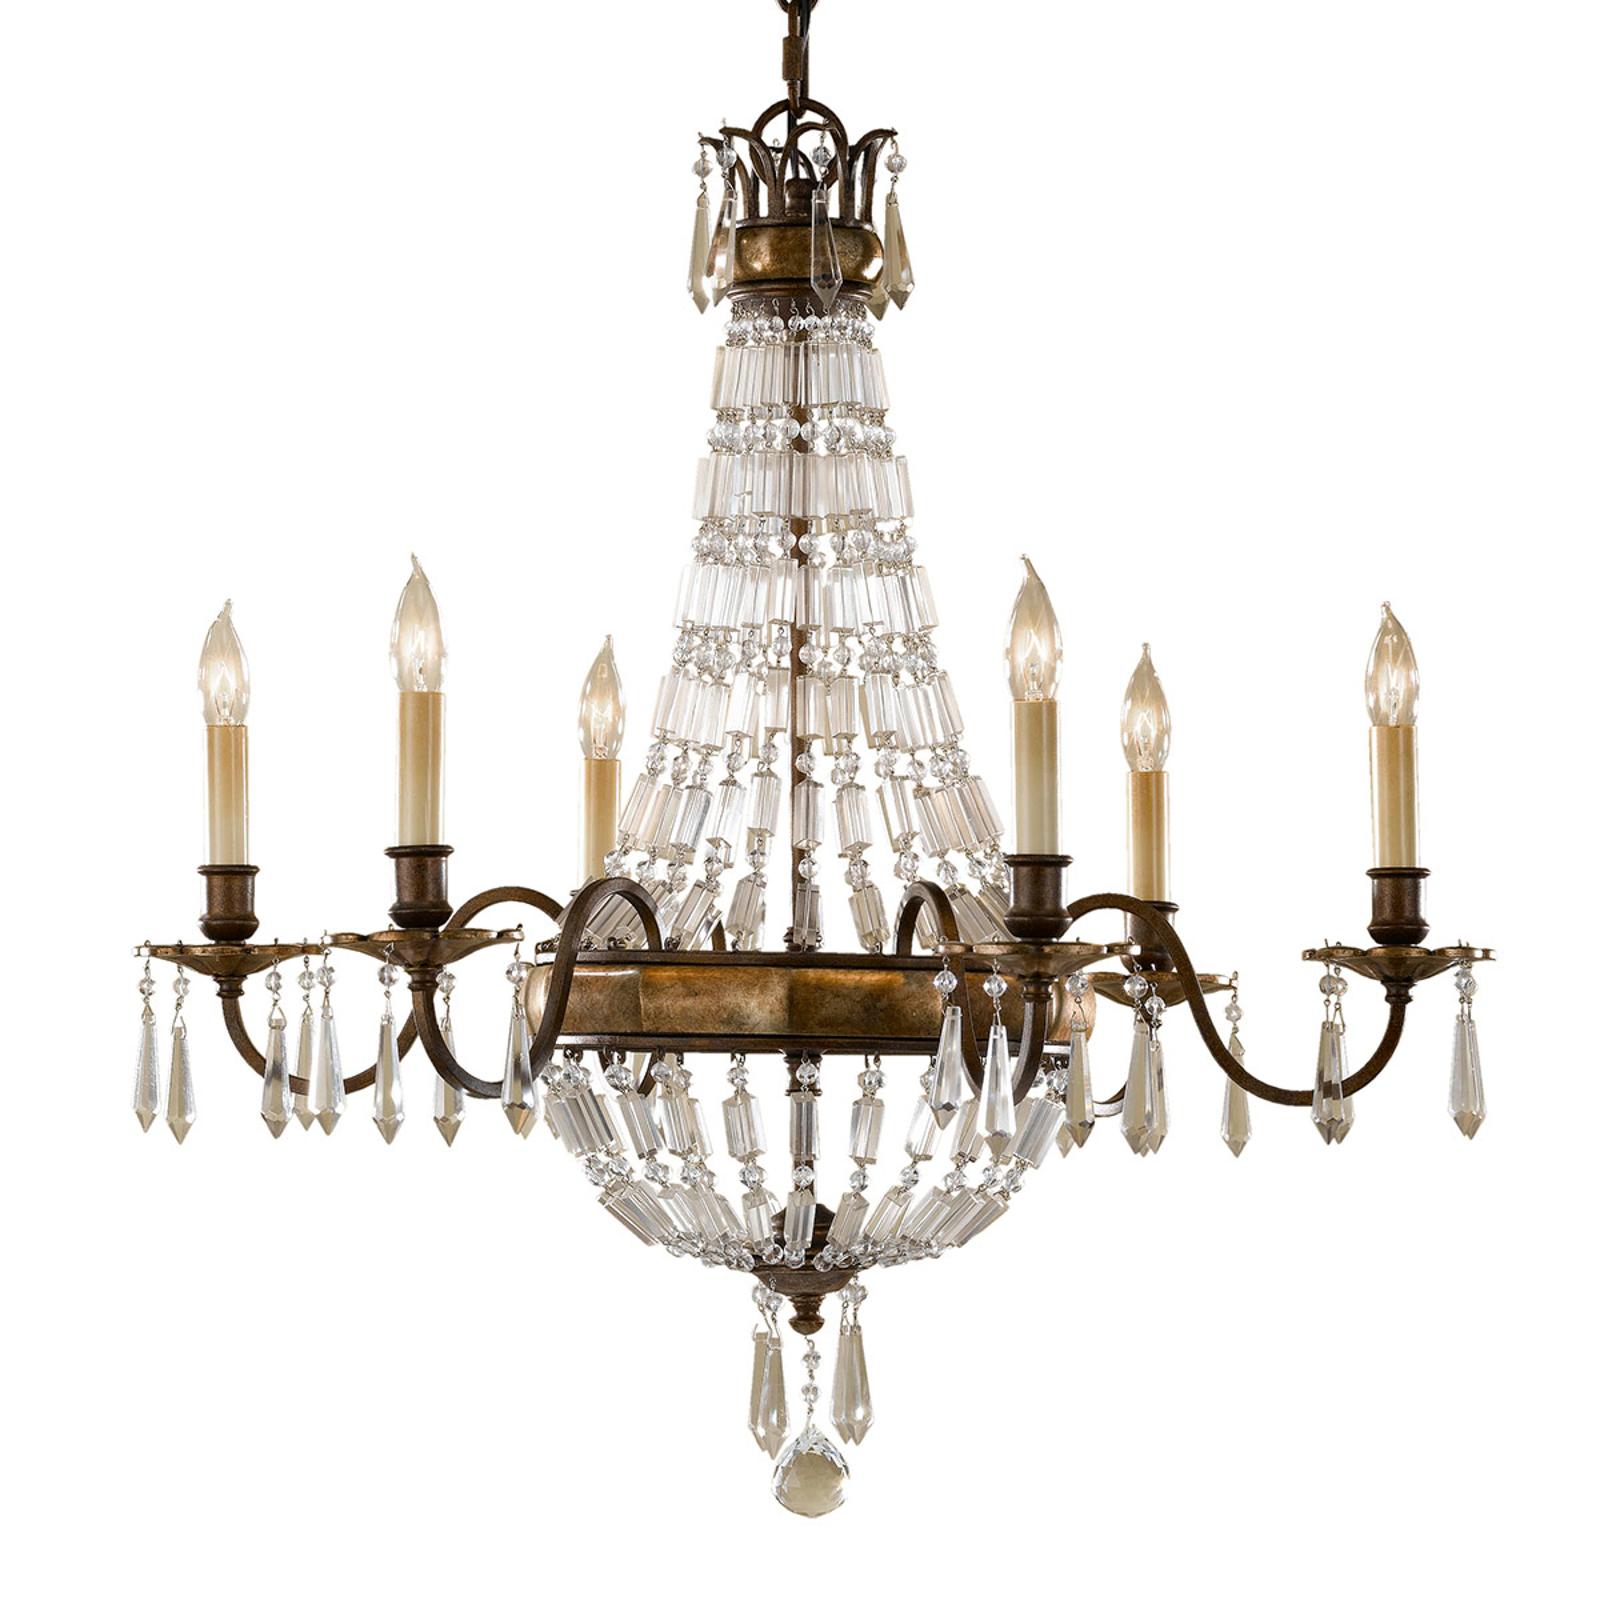 Bellini – visiaci luster s antickým efektom_3048247_1